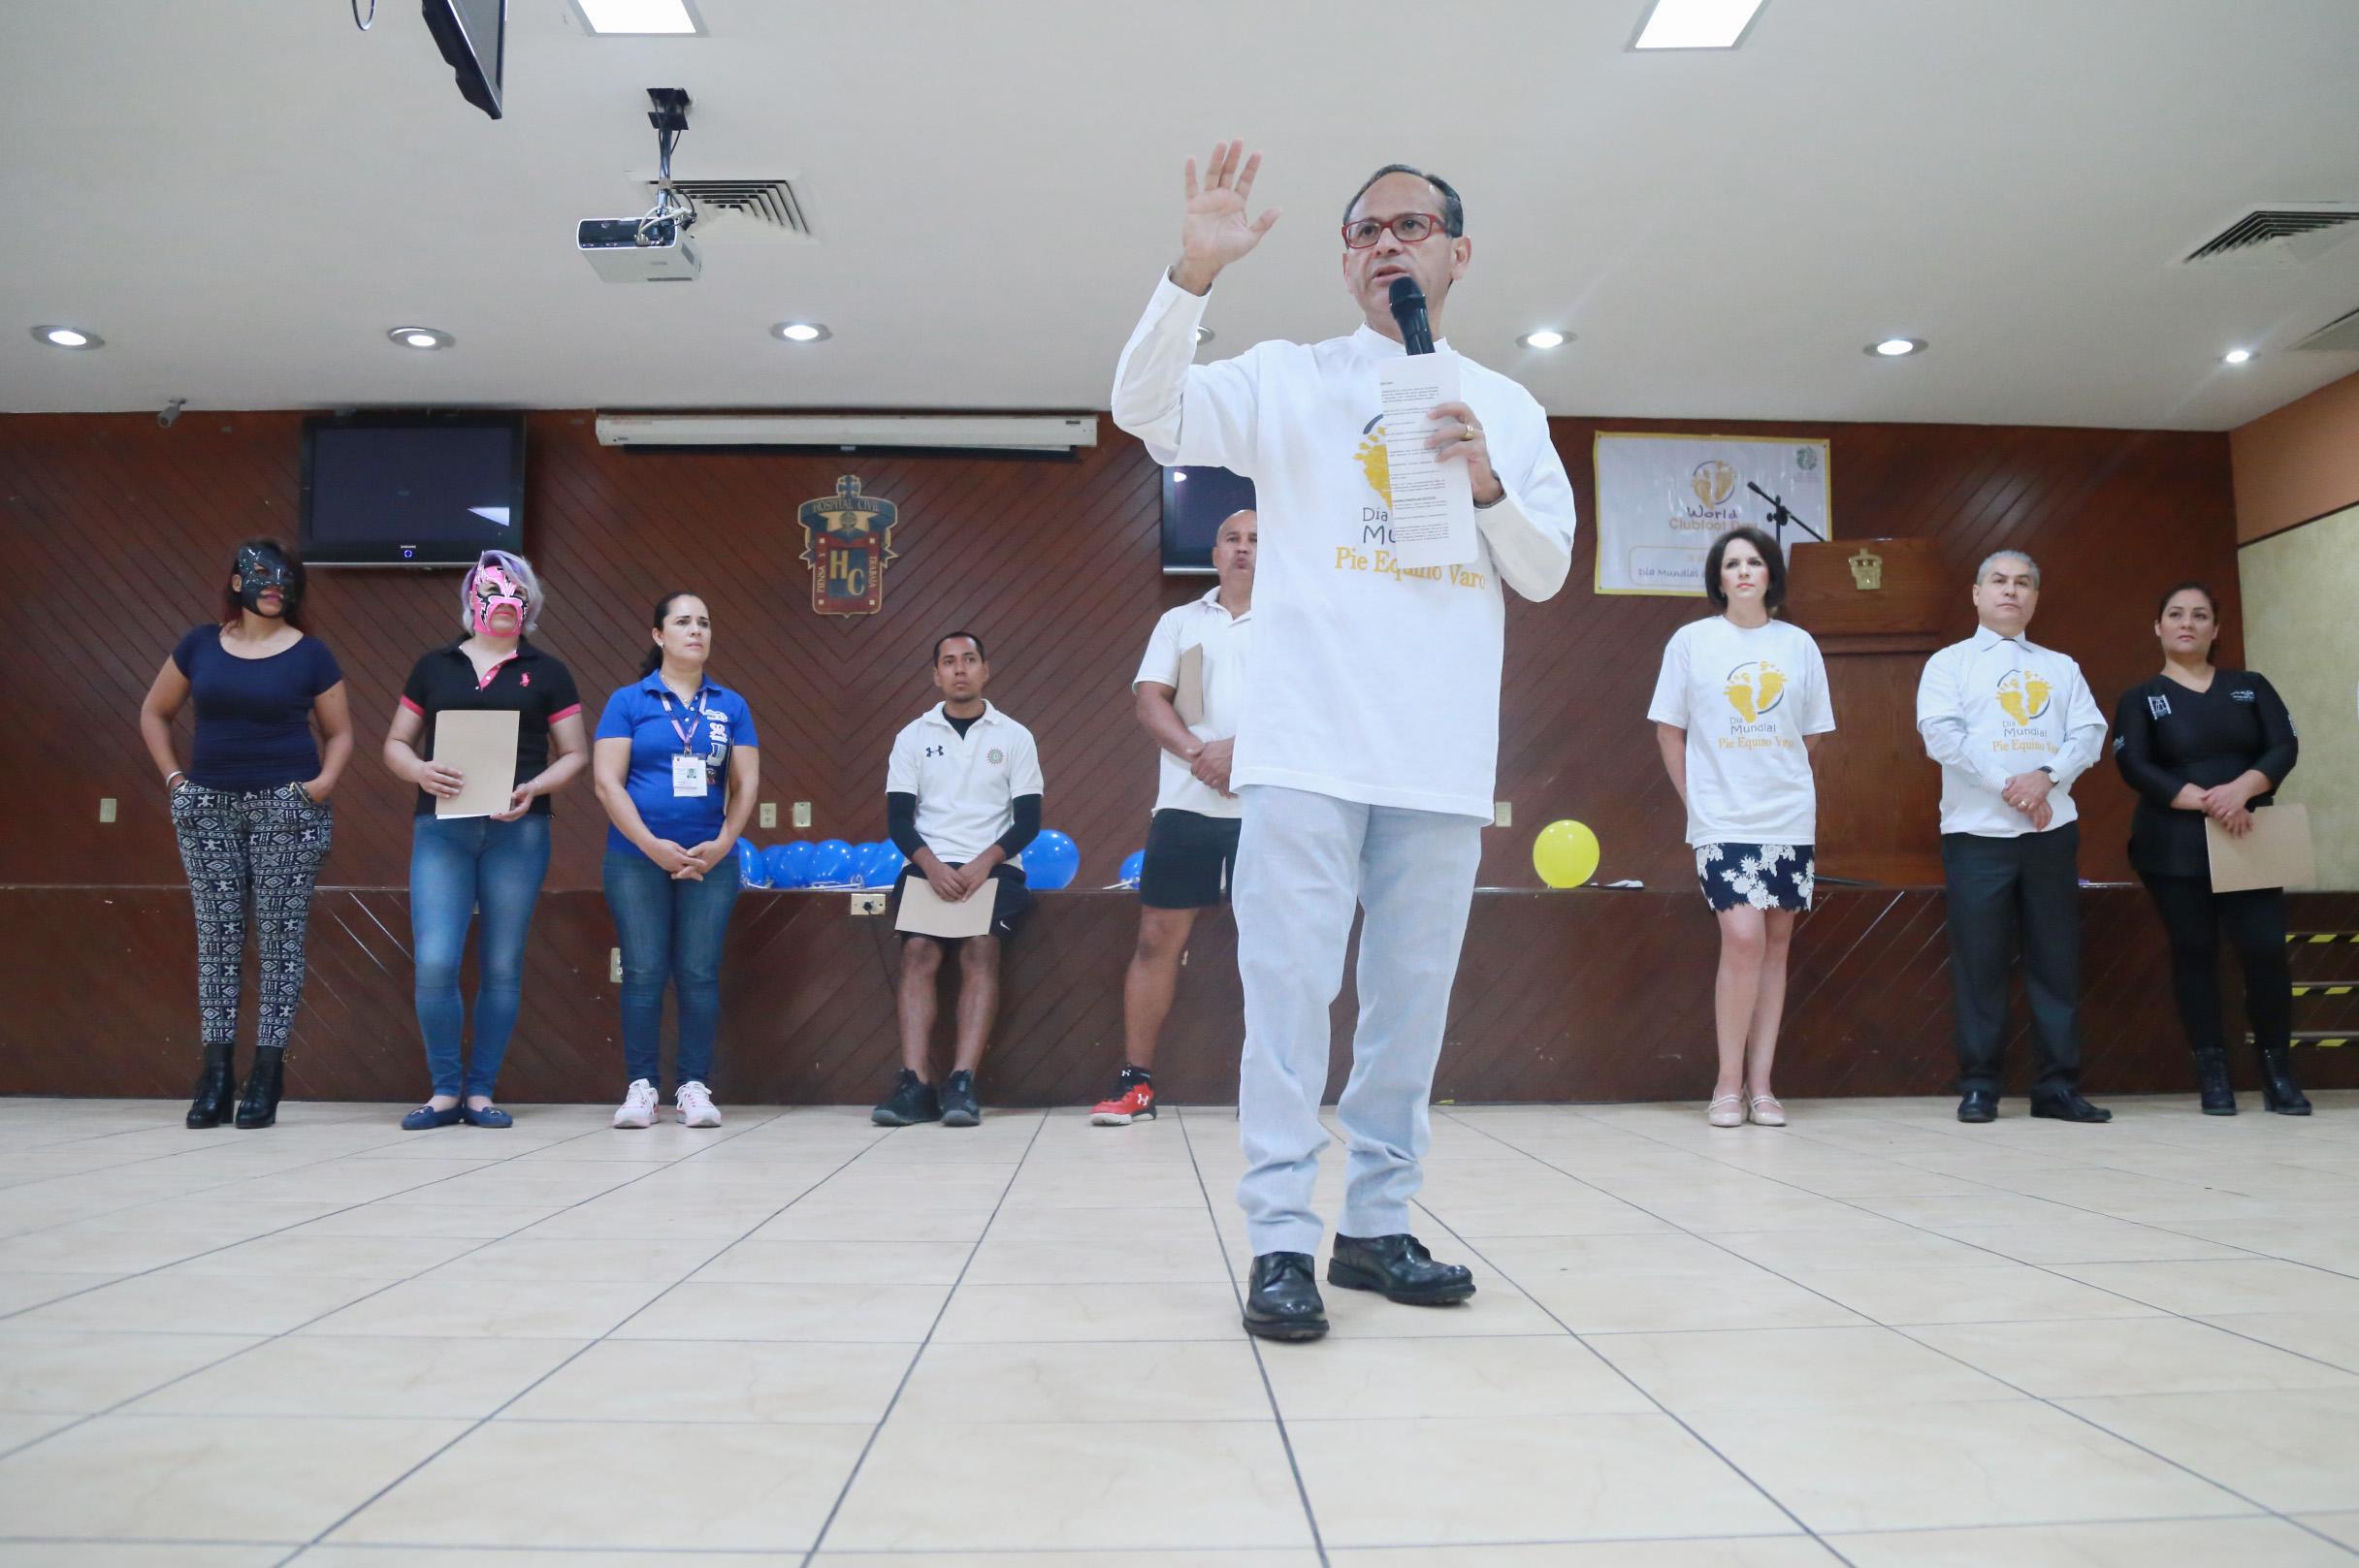 El director general de hospitales Civiles de Guadalajara, Héctor Raúl Pérez Gómez, haciendo uso de la palabra durante la celebración del  Día Mundial del Pie Equino.